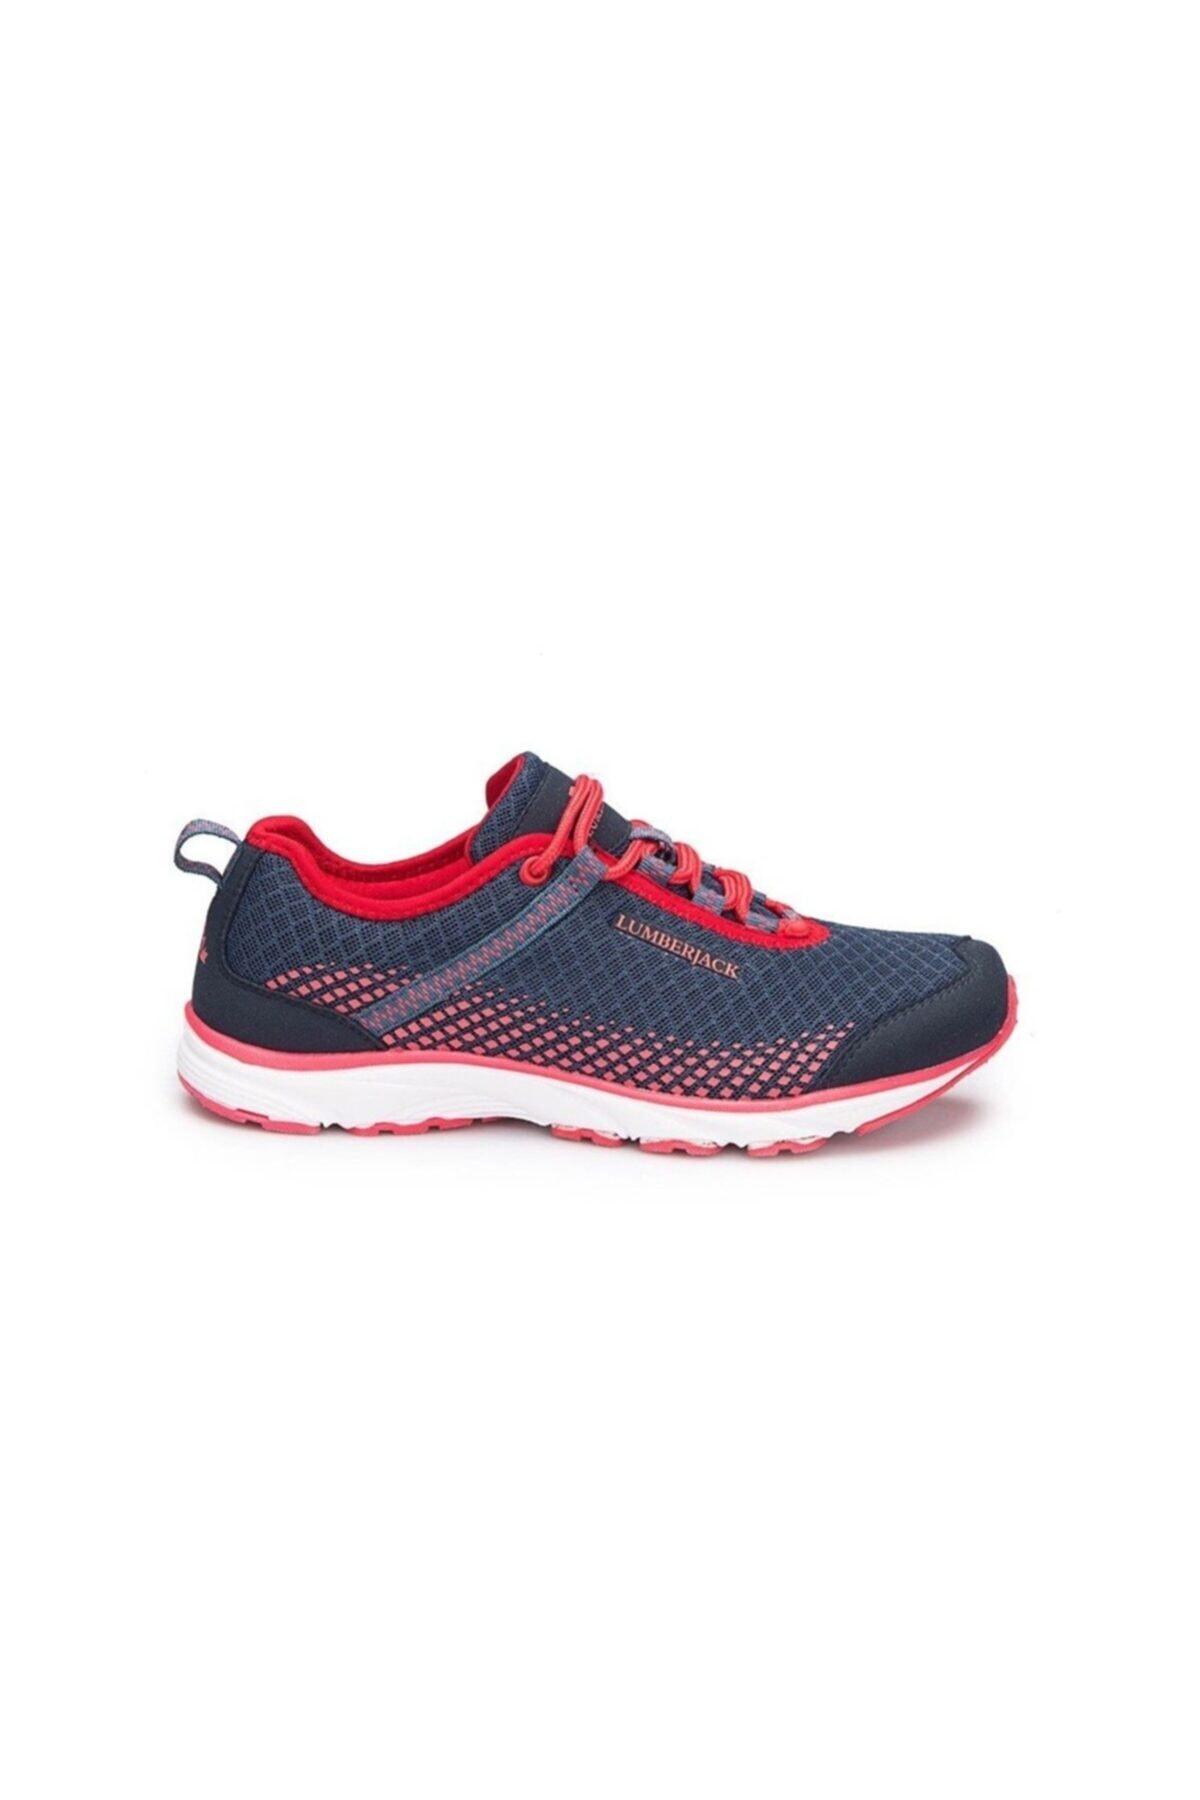 lumberjack Dare Kadın Sneaker Günlük Spor Ayakkabı Laci Kırmızı 2